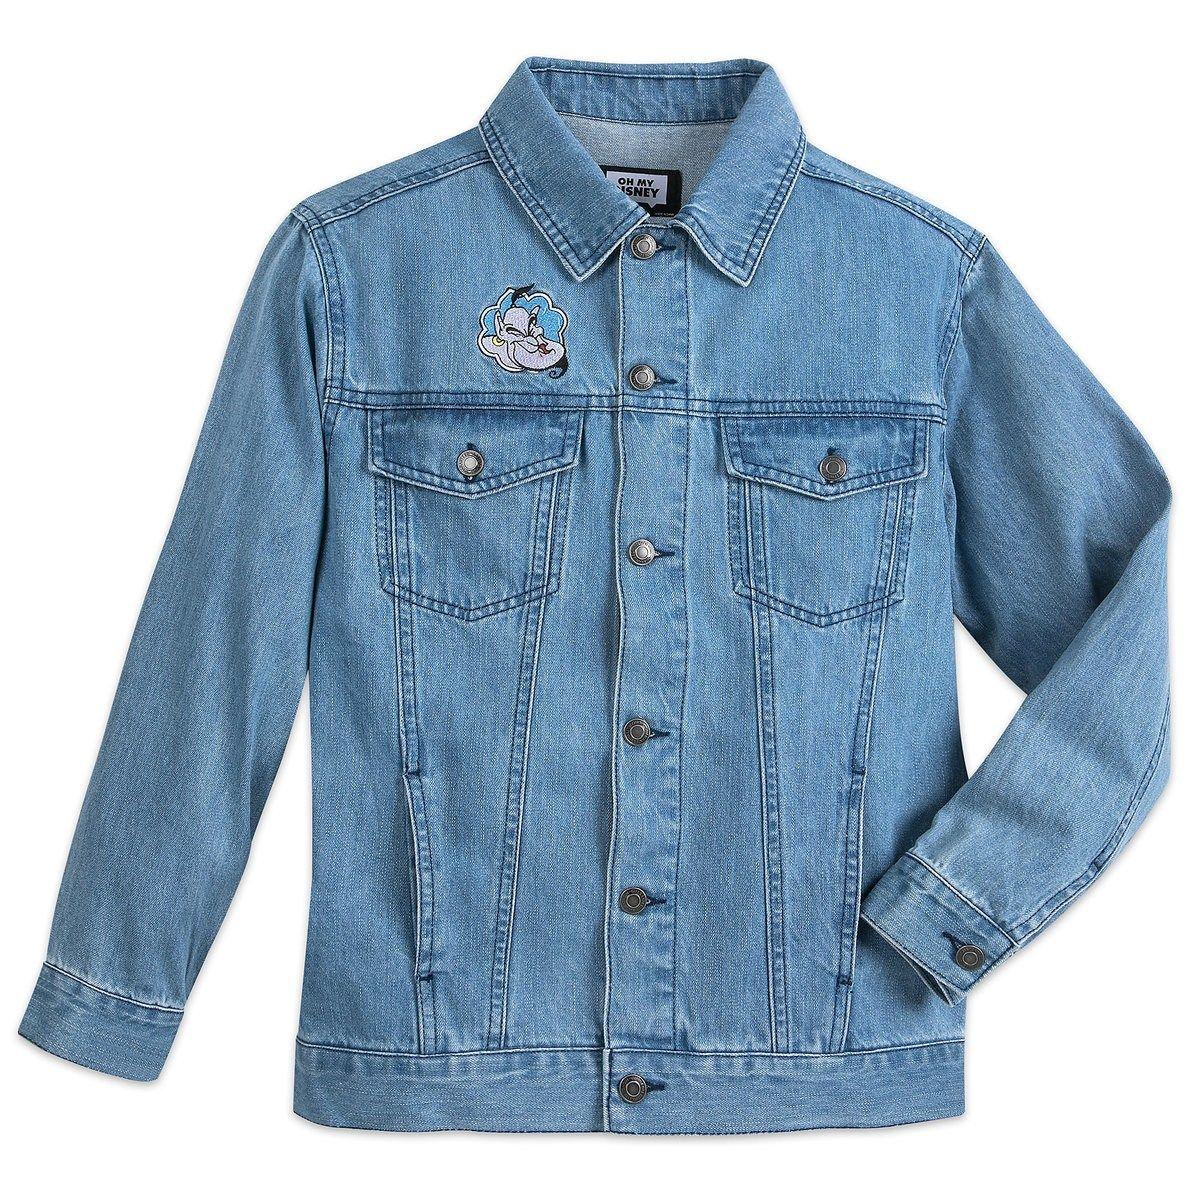 Genie jacket